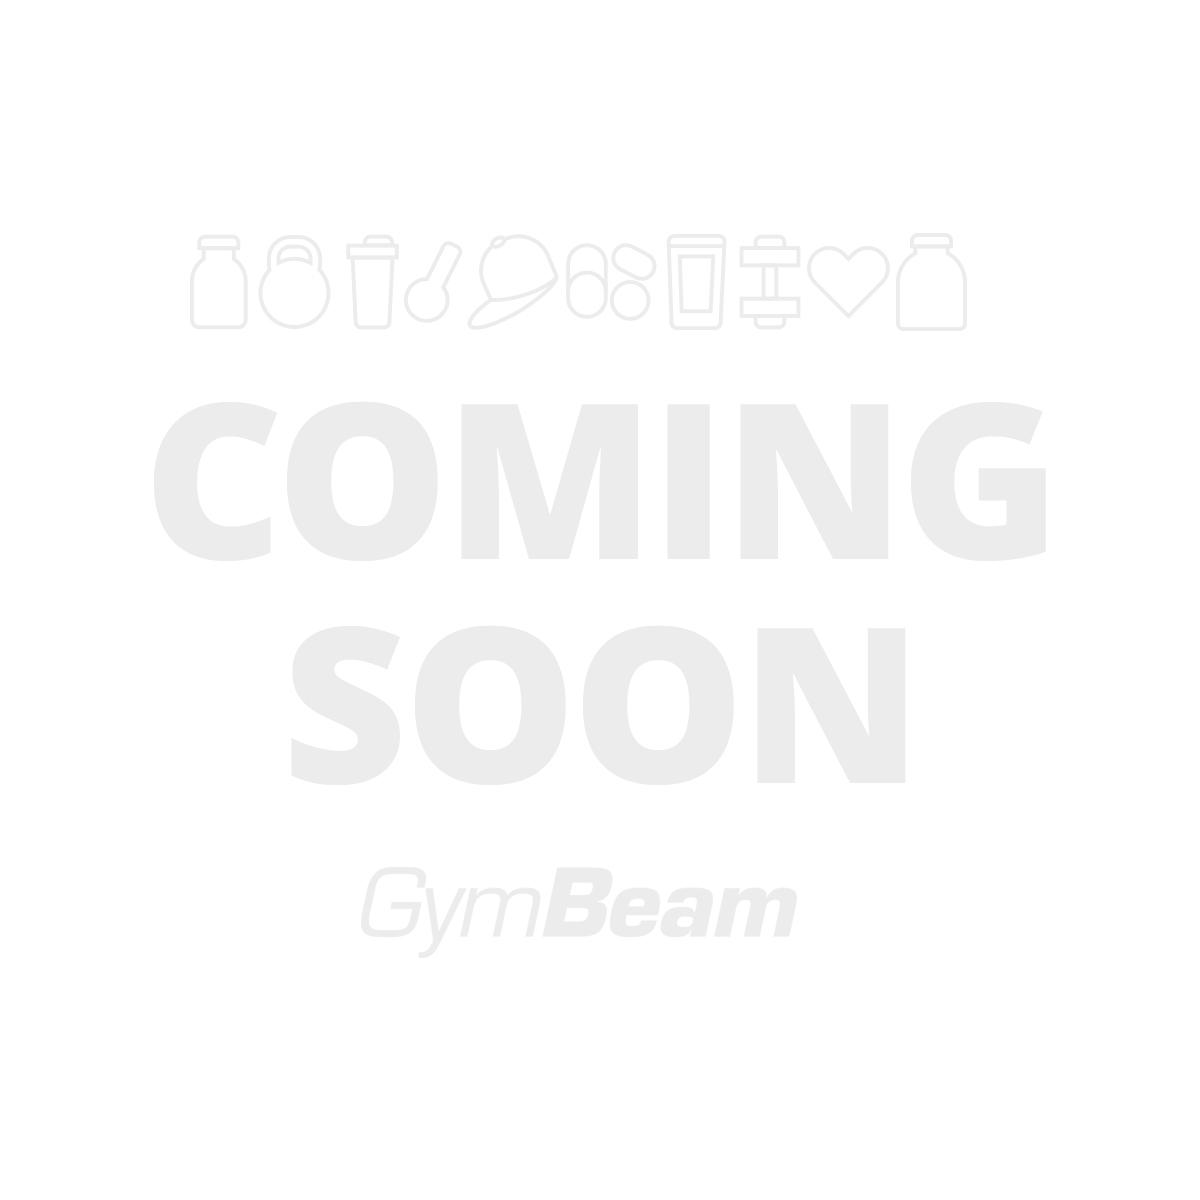 Arašídové máslo 100% - GymBeam